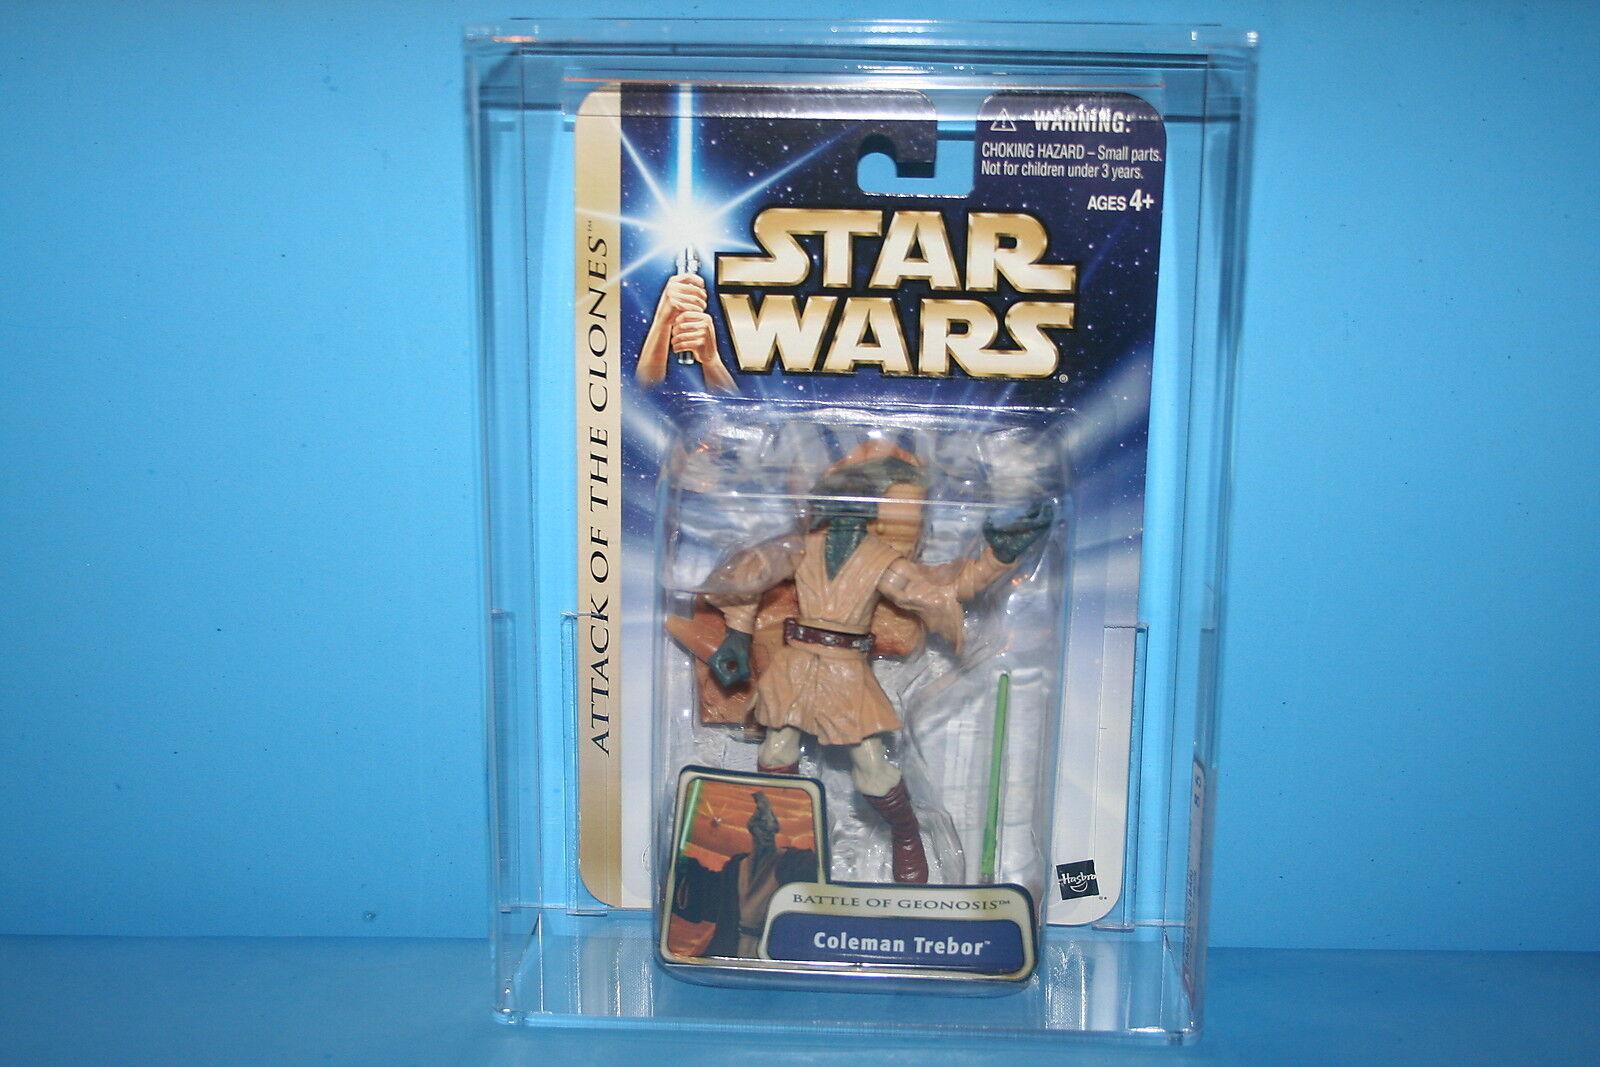 marca famosa Estrella Wars 03 ataque de los clones Figura Figura Figura de Acción autoridad calificado menta en tarjeta Coleman Trebor Raro    8.5 figura B  ventas en línea de venta